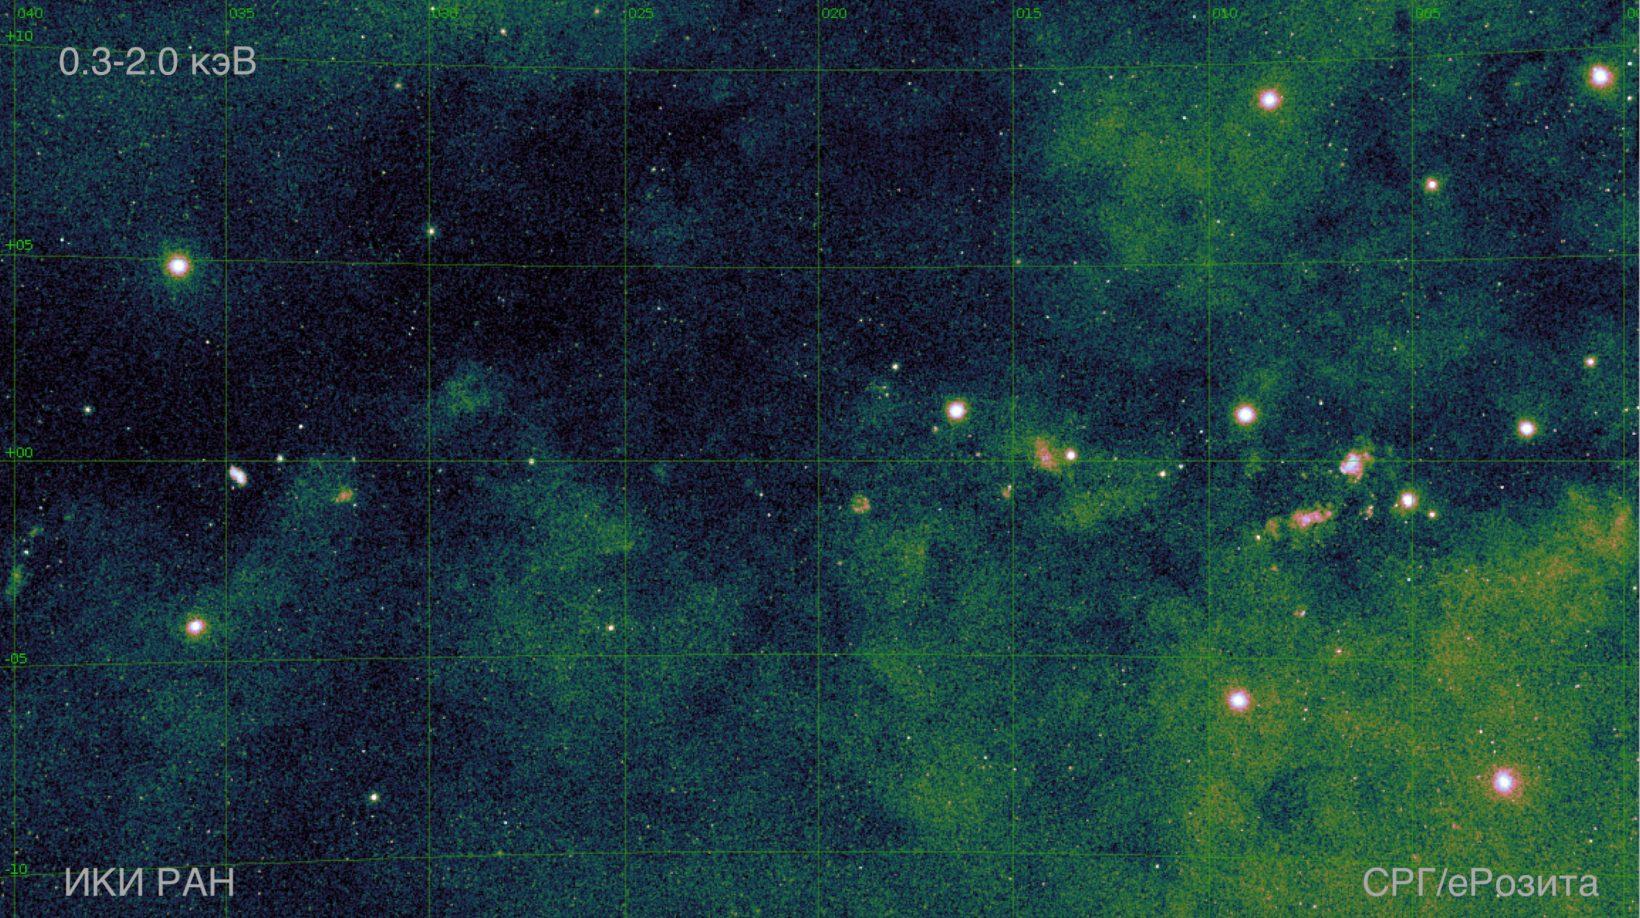 Galaxy center closeup in X-Ray survey